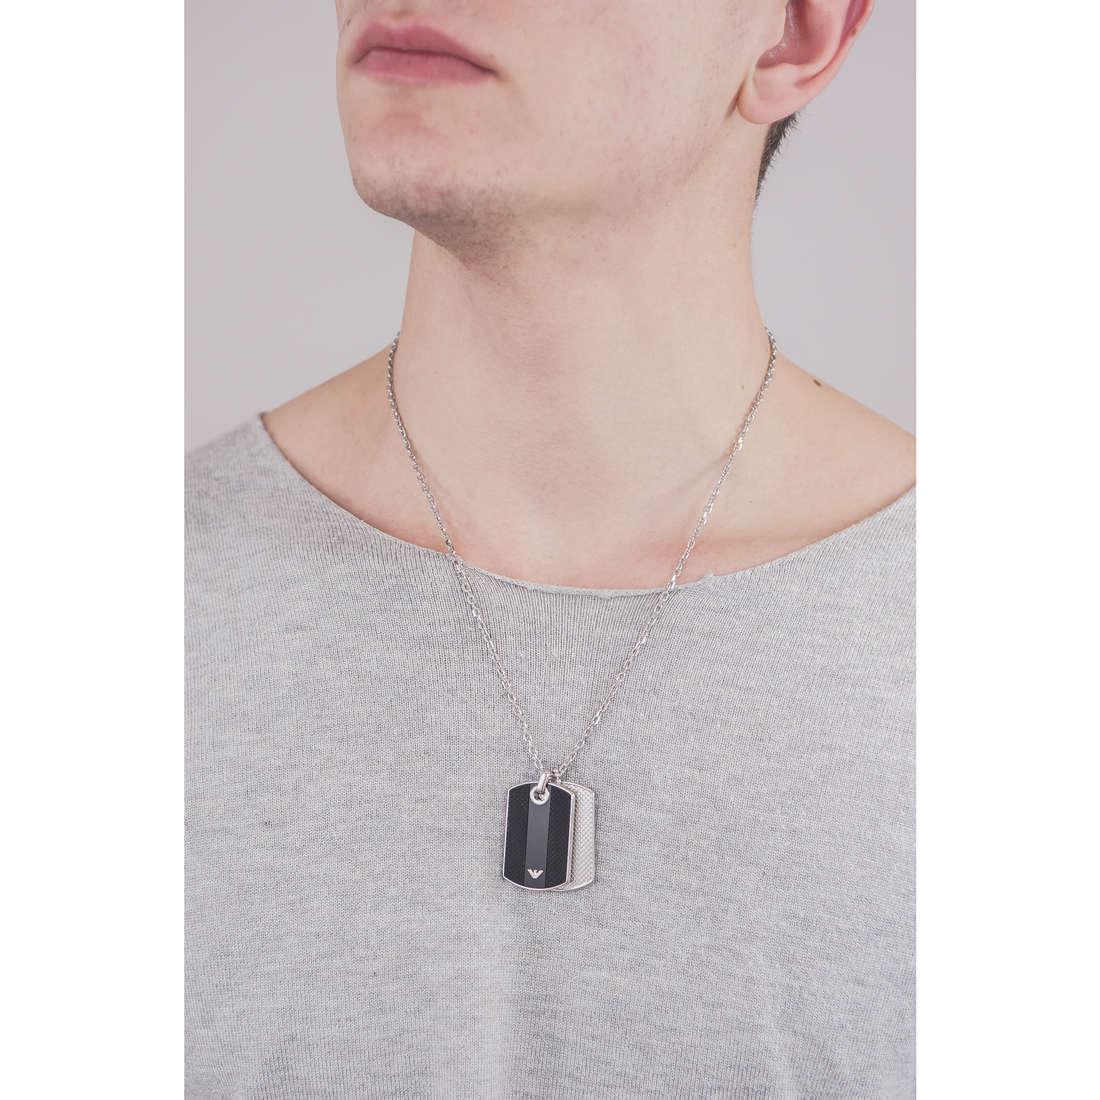 Emporio Armani necklaces man EGS1542040 indosso